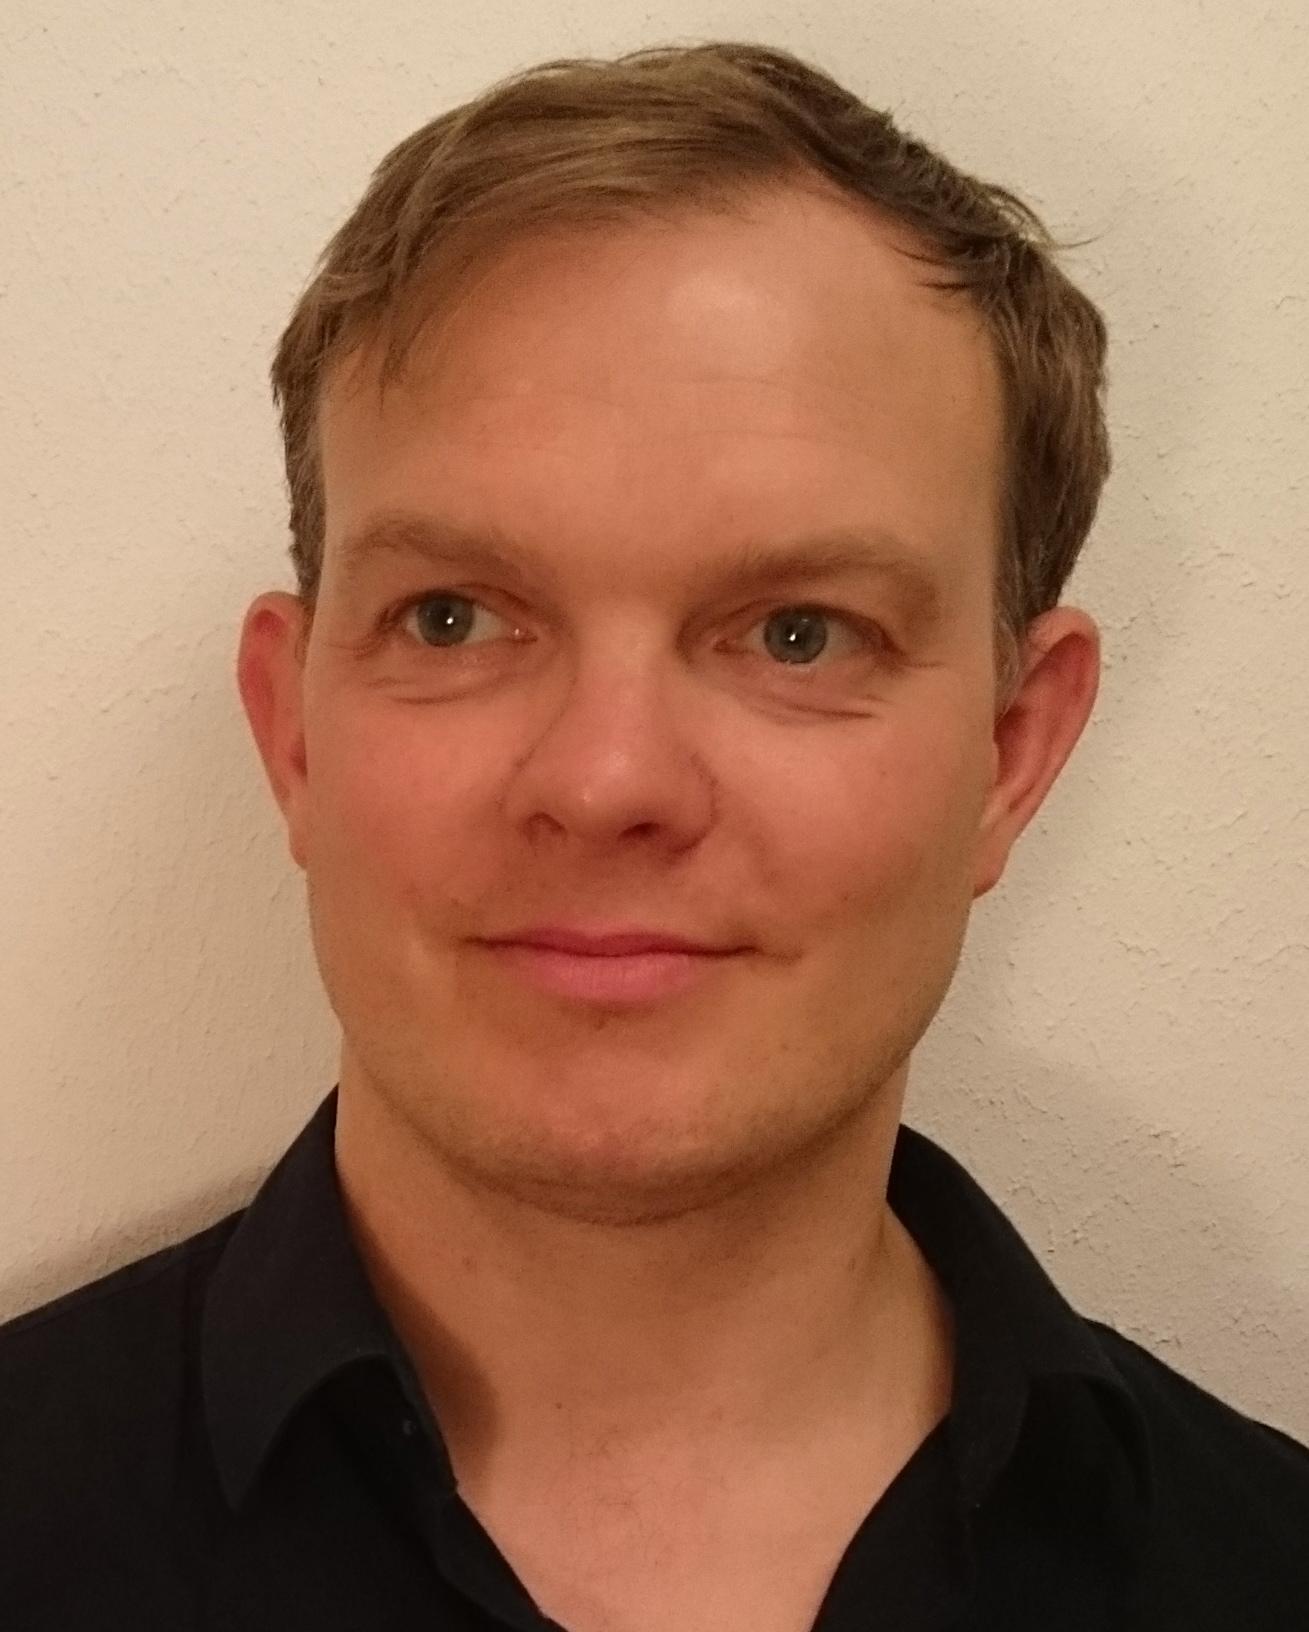 Clemens Ziesenitz